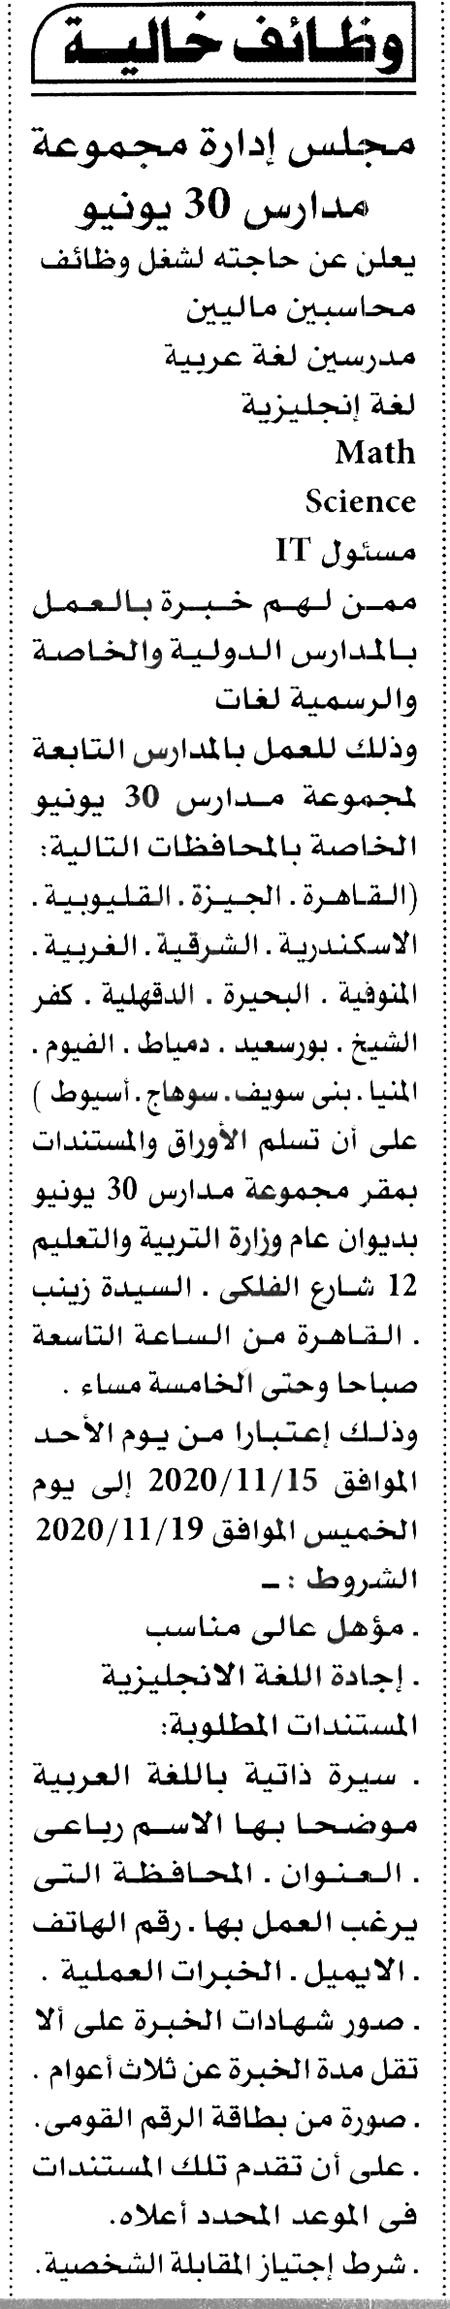 يذكر ان مدارس 30 يونيو  هي المدارس التابعة لجماعة الإخوان الإرهابية، وتم التحفظ عليها من قبل وزارة التربية والتعليم، وذلك تنفيذا لحكم القضاء بوضع ممتلكات جماعة الإخوان الملسلمين سواء أفراد أو جماعات.